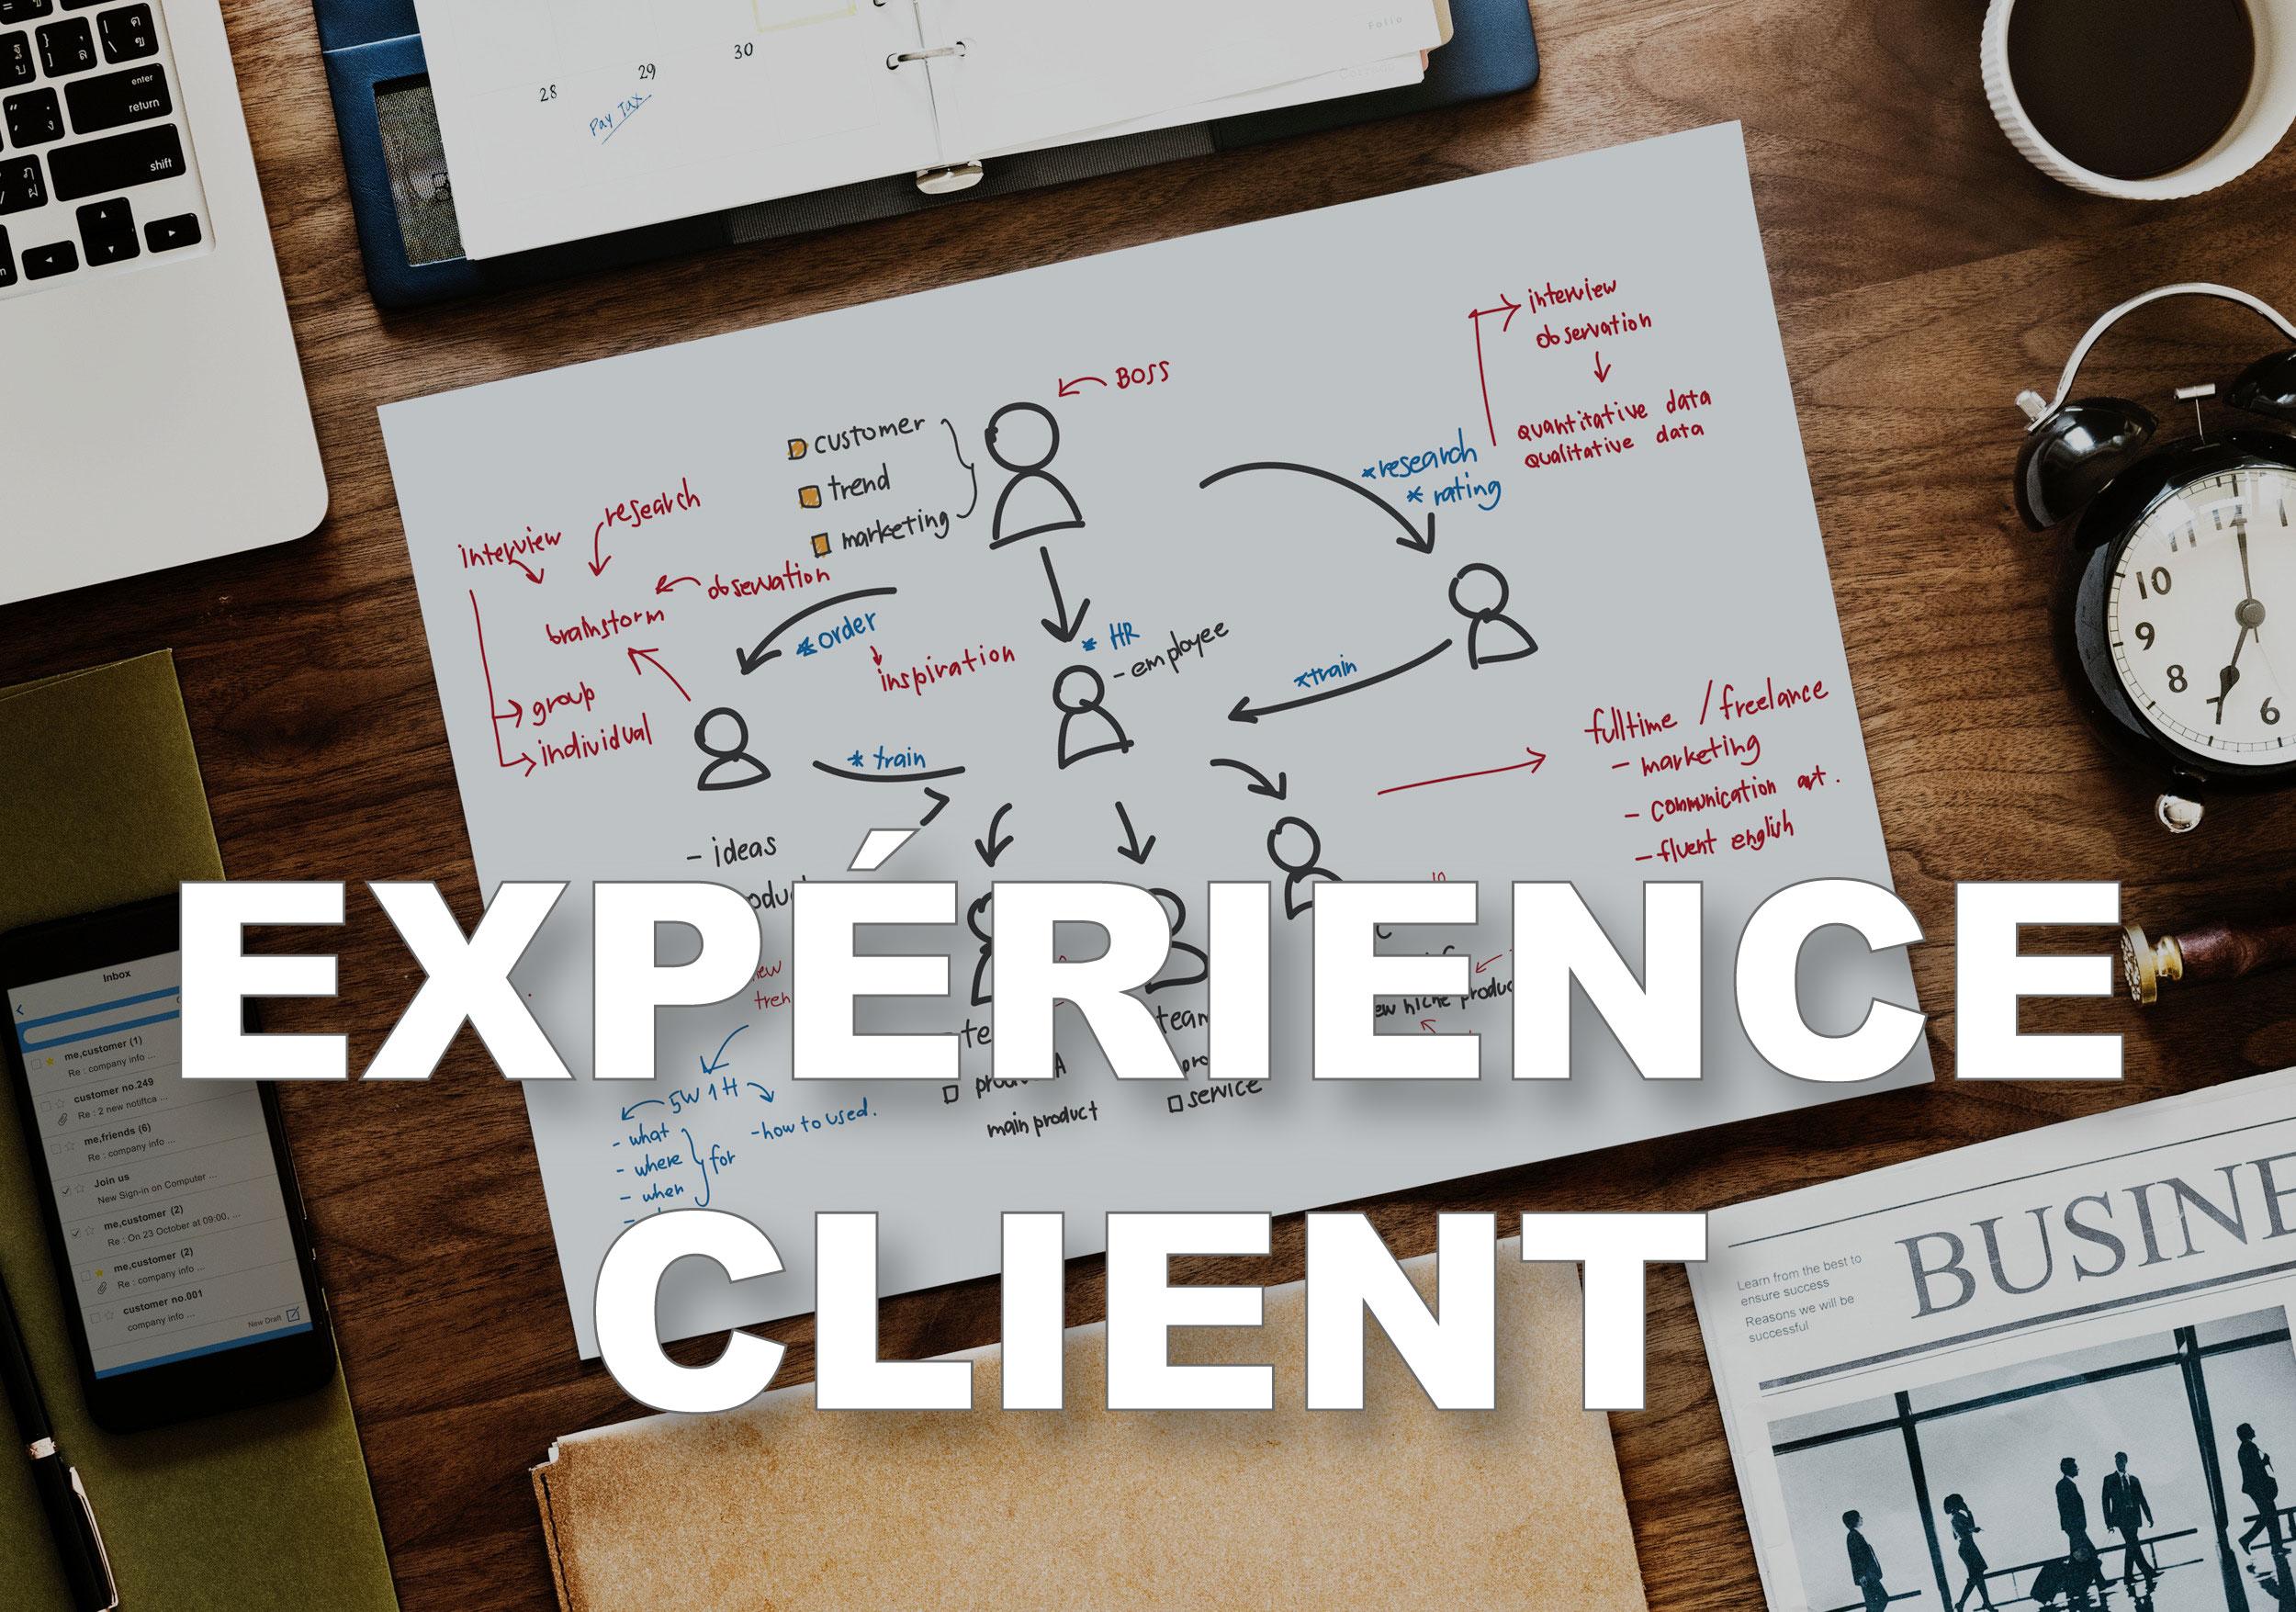 Expérience client (CX) : stratégie d'affaires du XXIe siècle